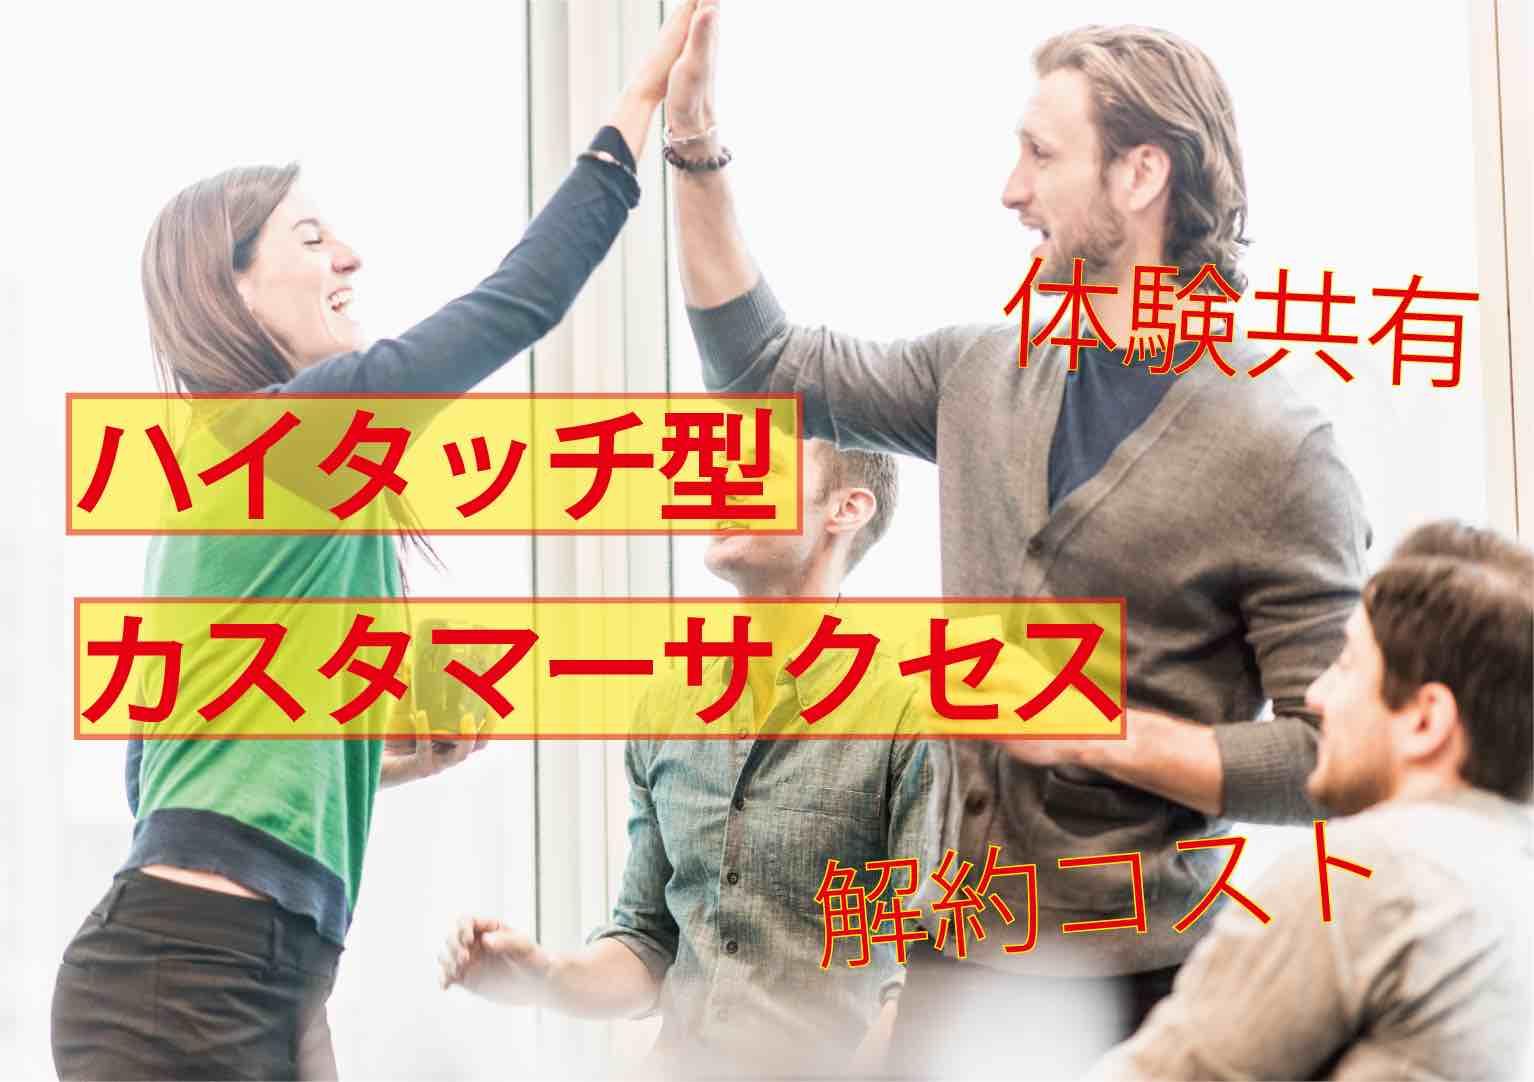 【ハイタッチ型】カスタマーサクセスマーケティング【サブスク】